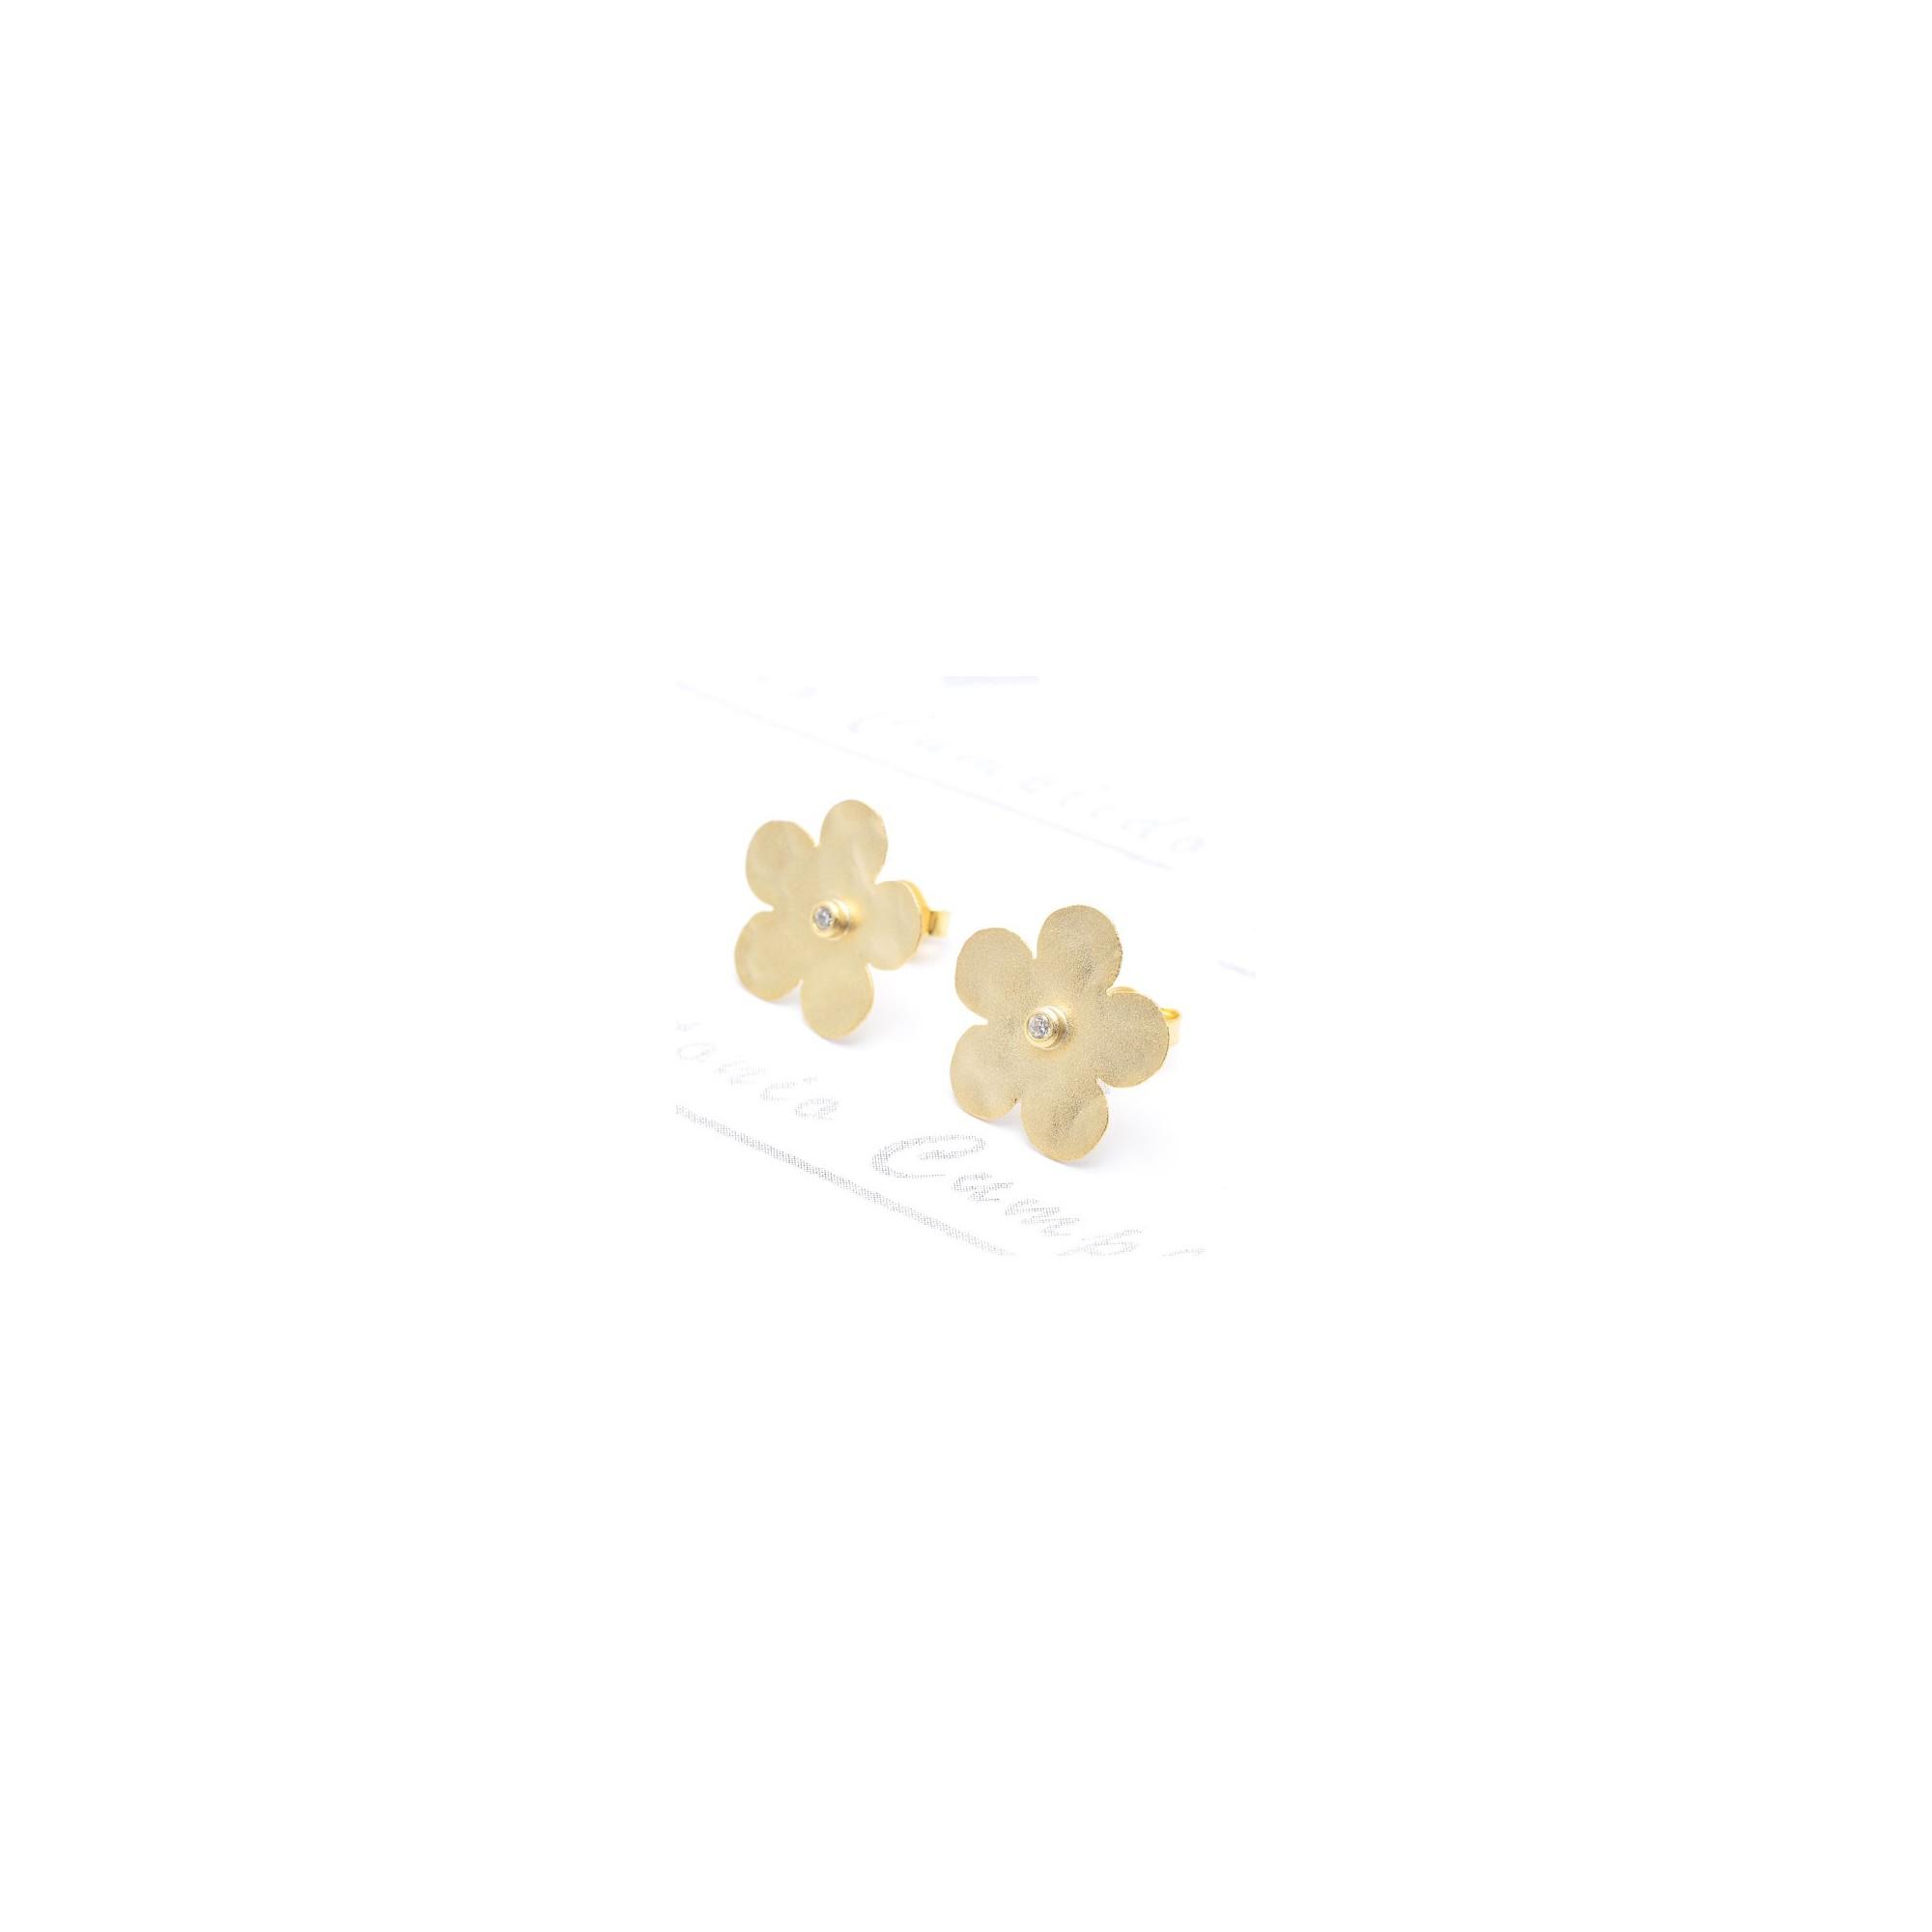 Pendientes Plata Flor Dorados Salvatore 68a0052